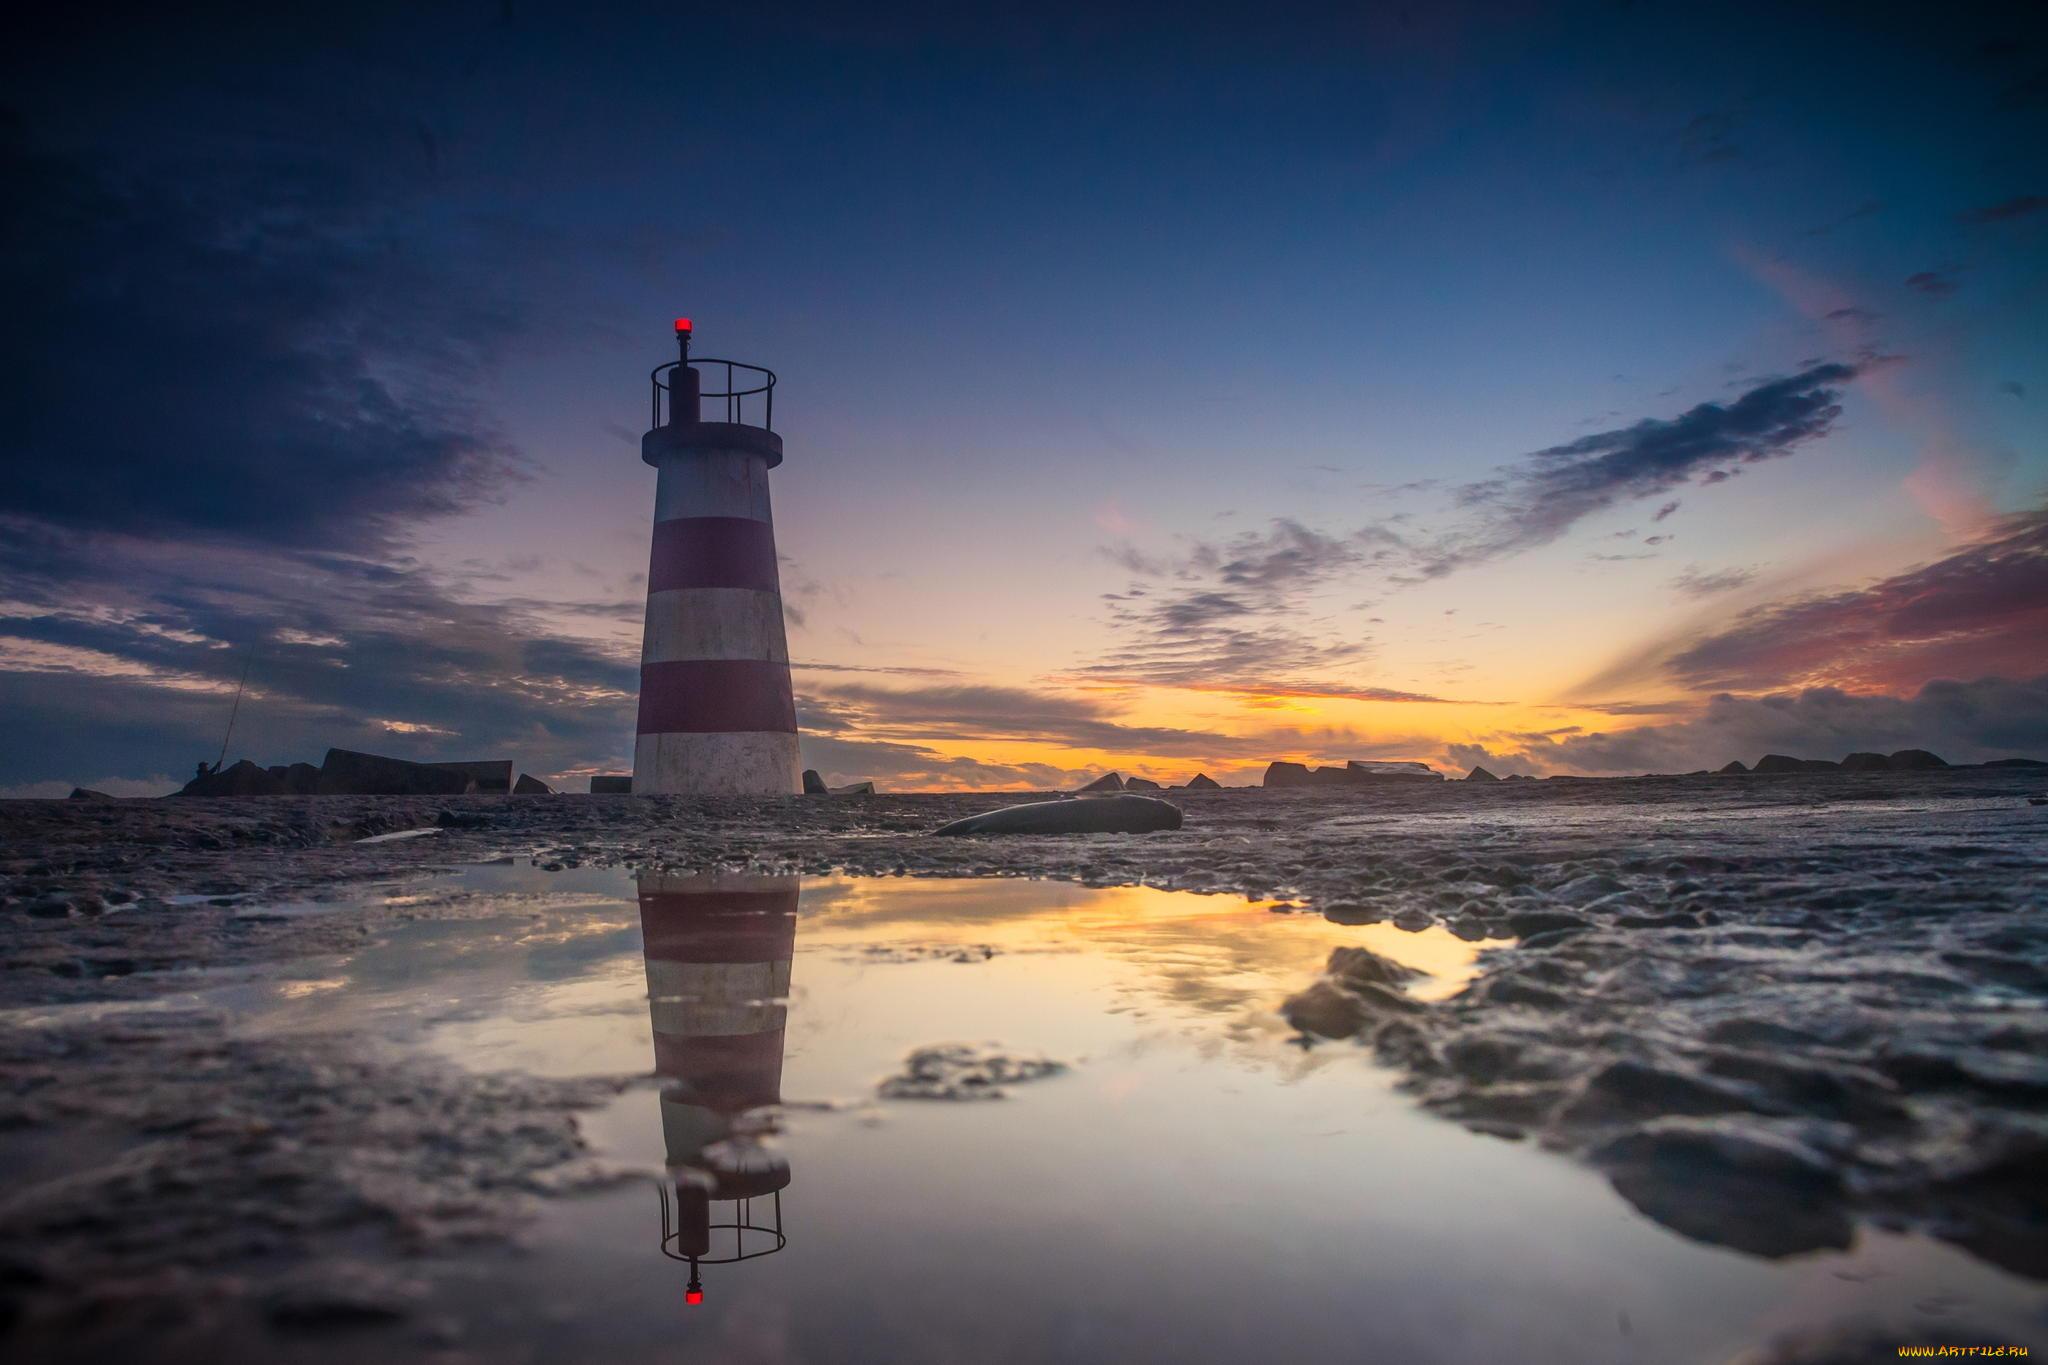 природа маяк море скалы скачать